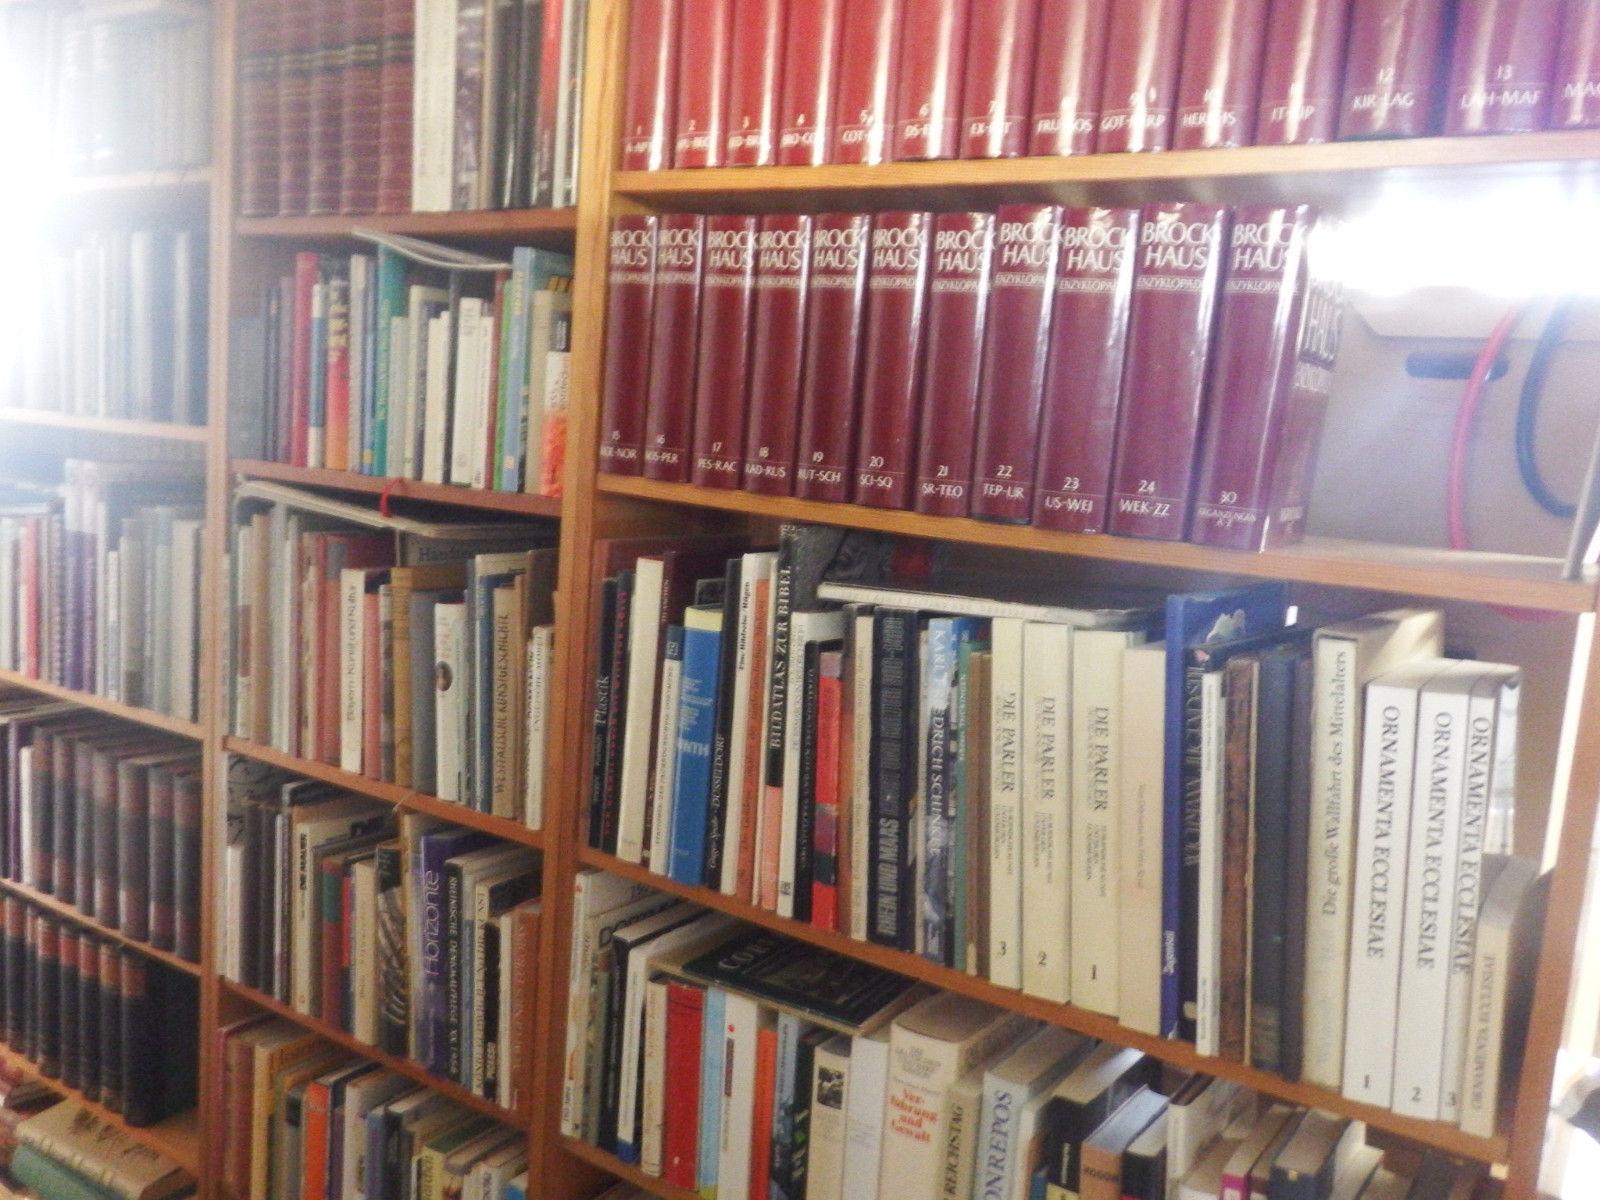 komplette Bibliothek - Büchersammlung - 100 erte von Büchern